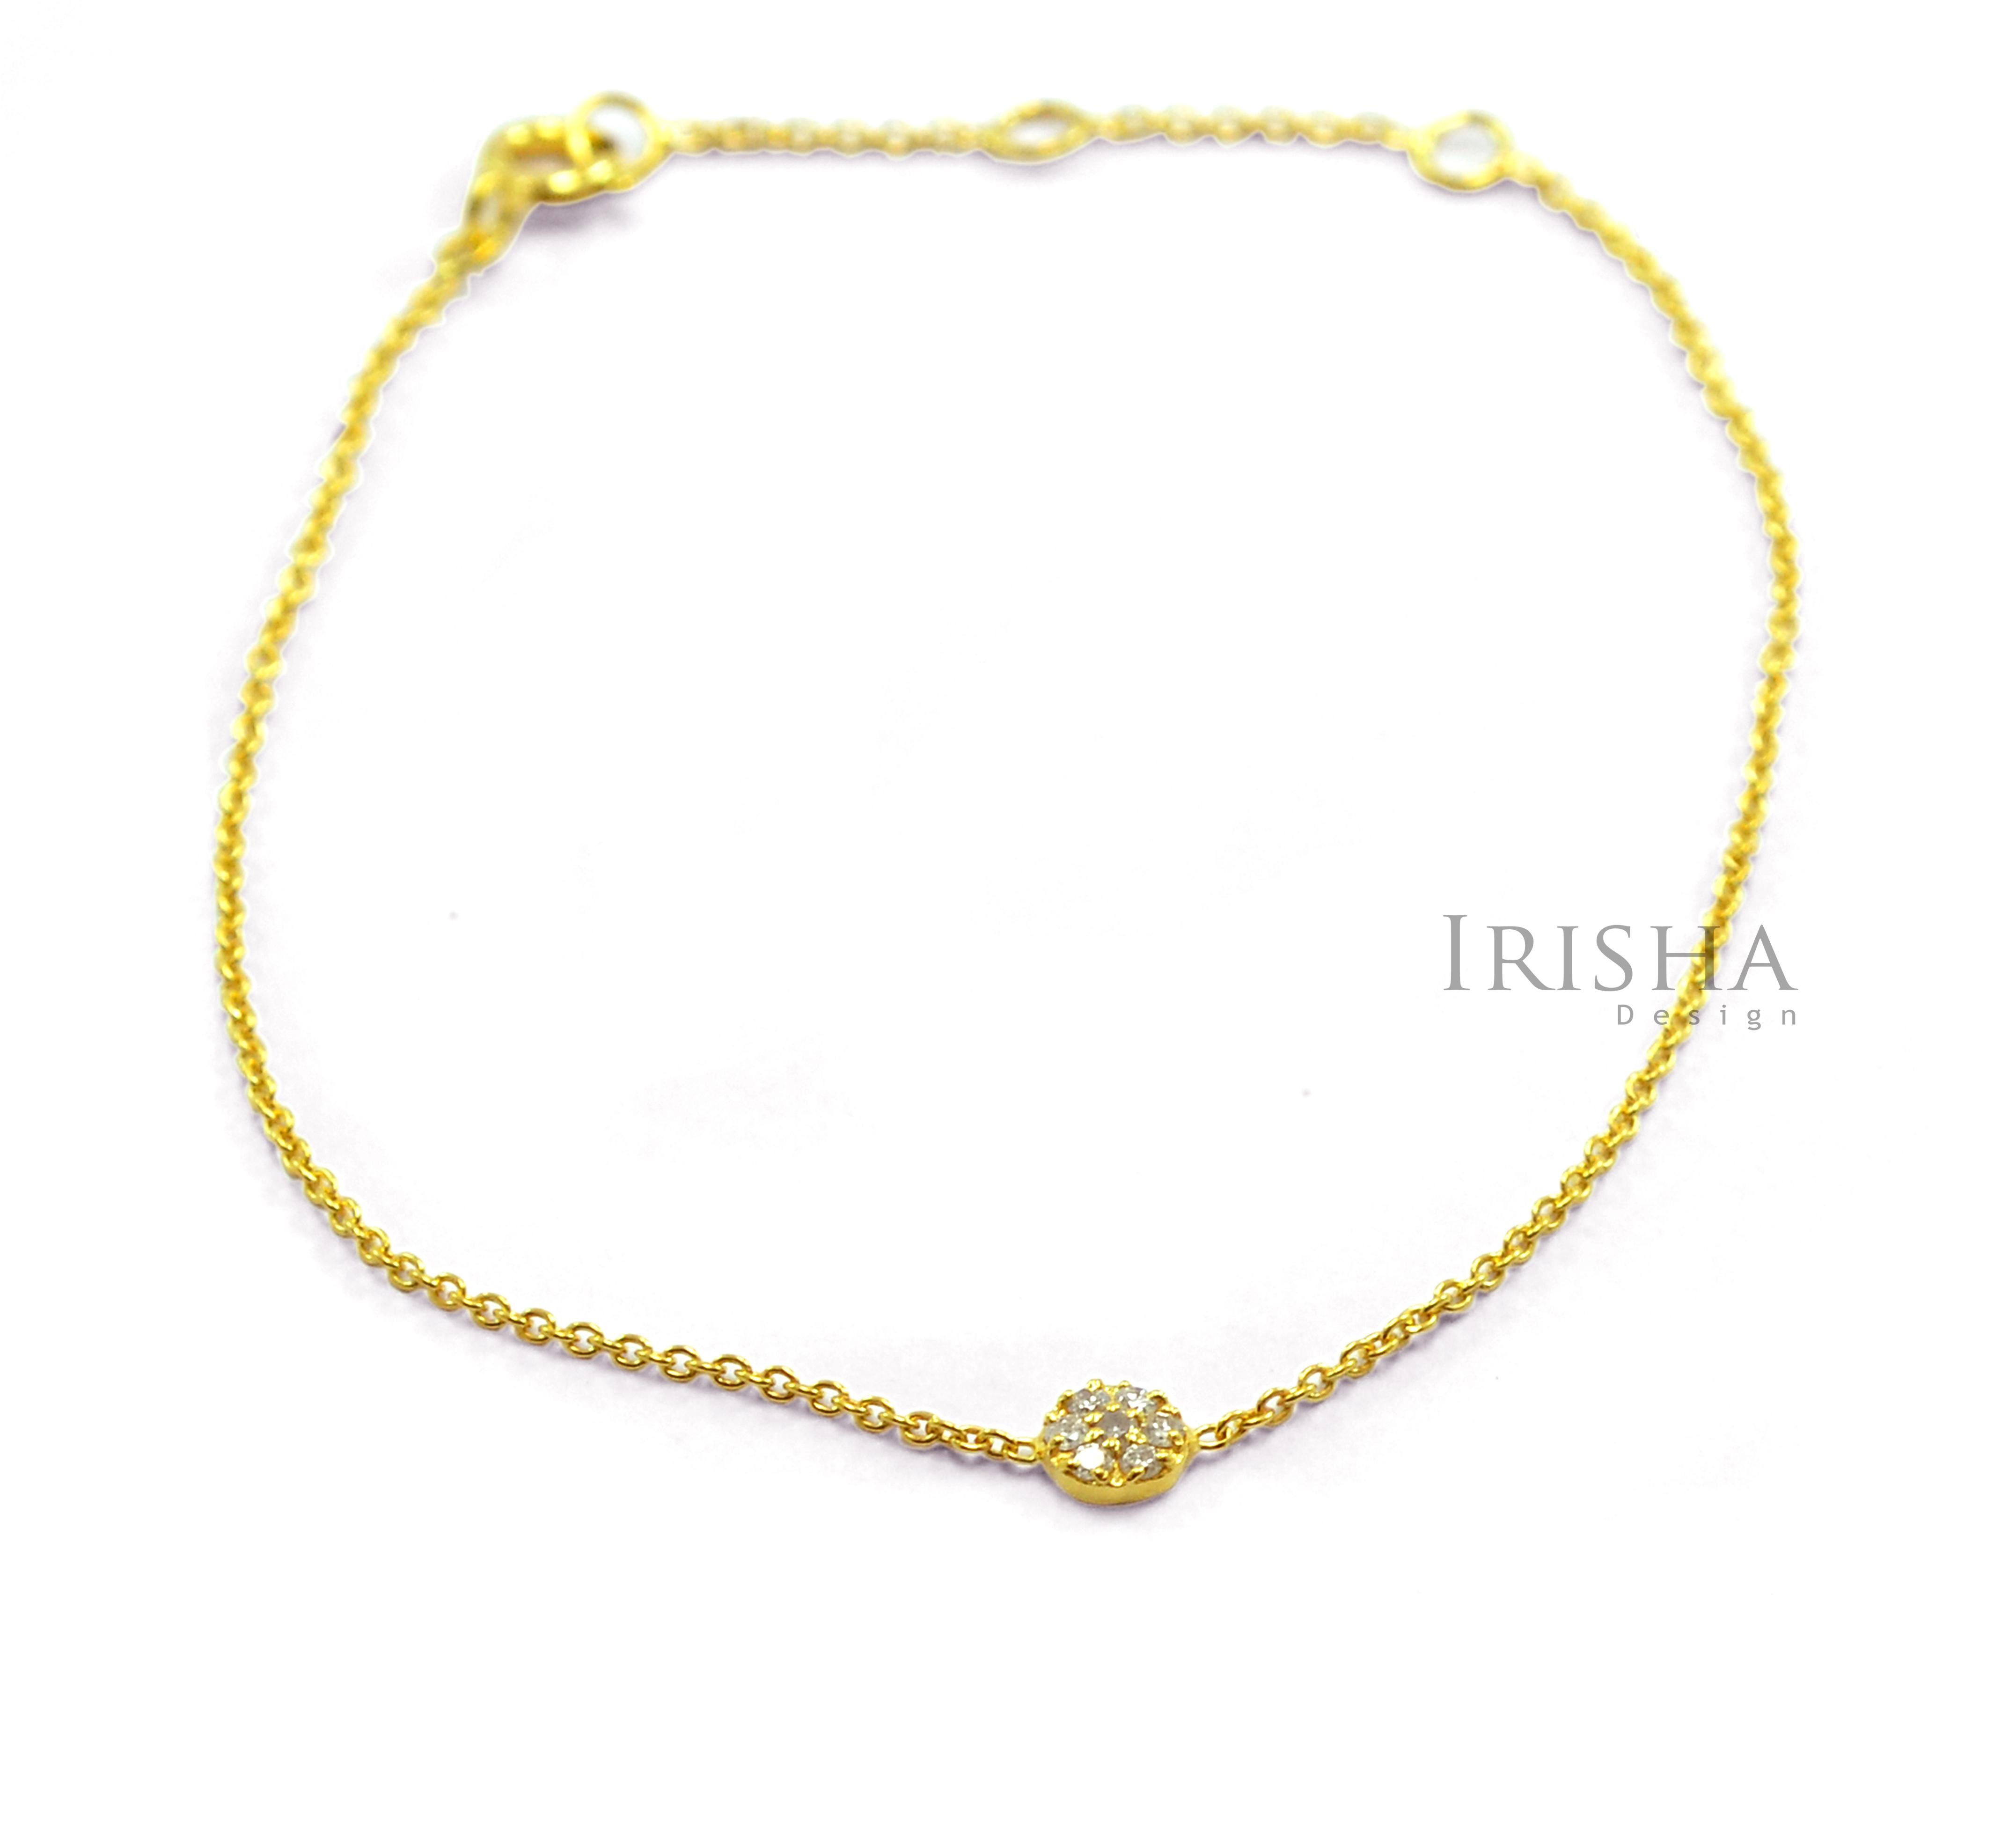 14K Gold 0.22 Ct. Genuine Diamond Disc Charm Chain Bracelet Fine Jewelry